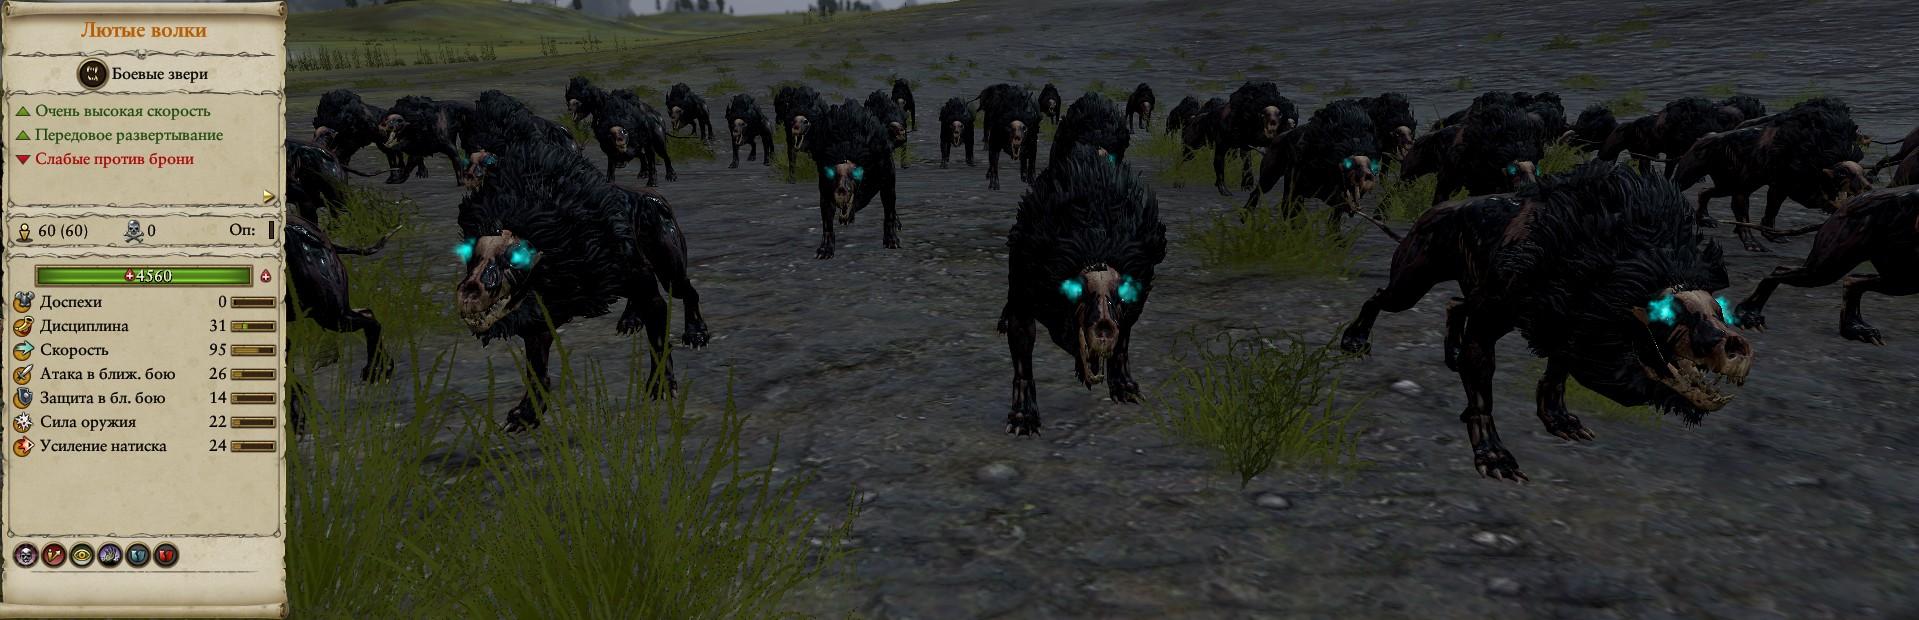 Лютые волки